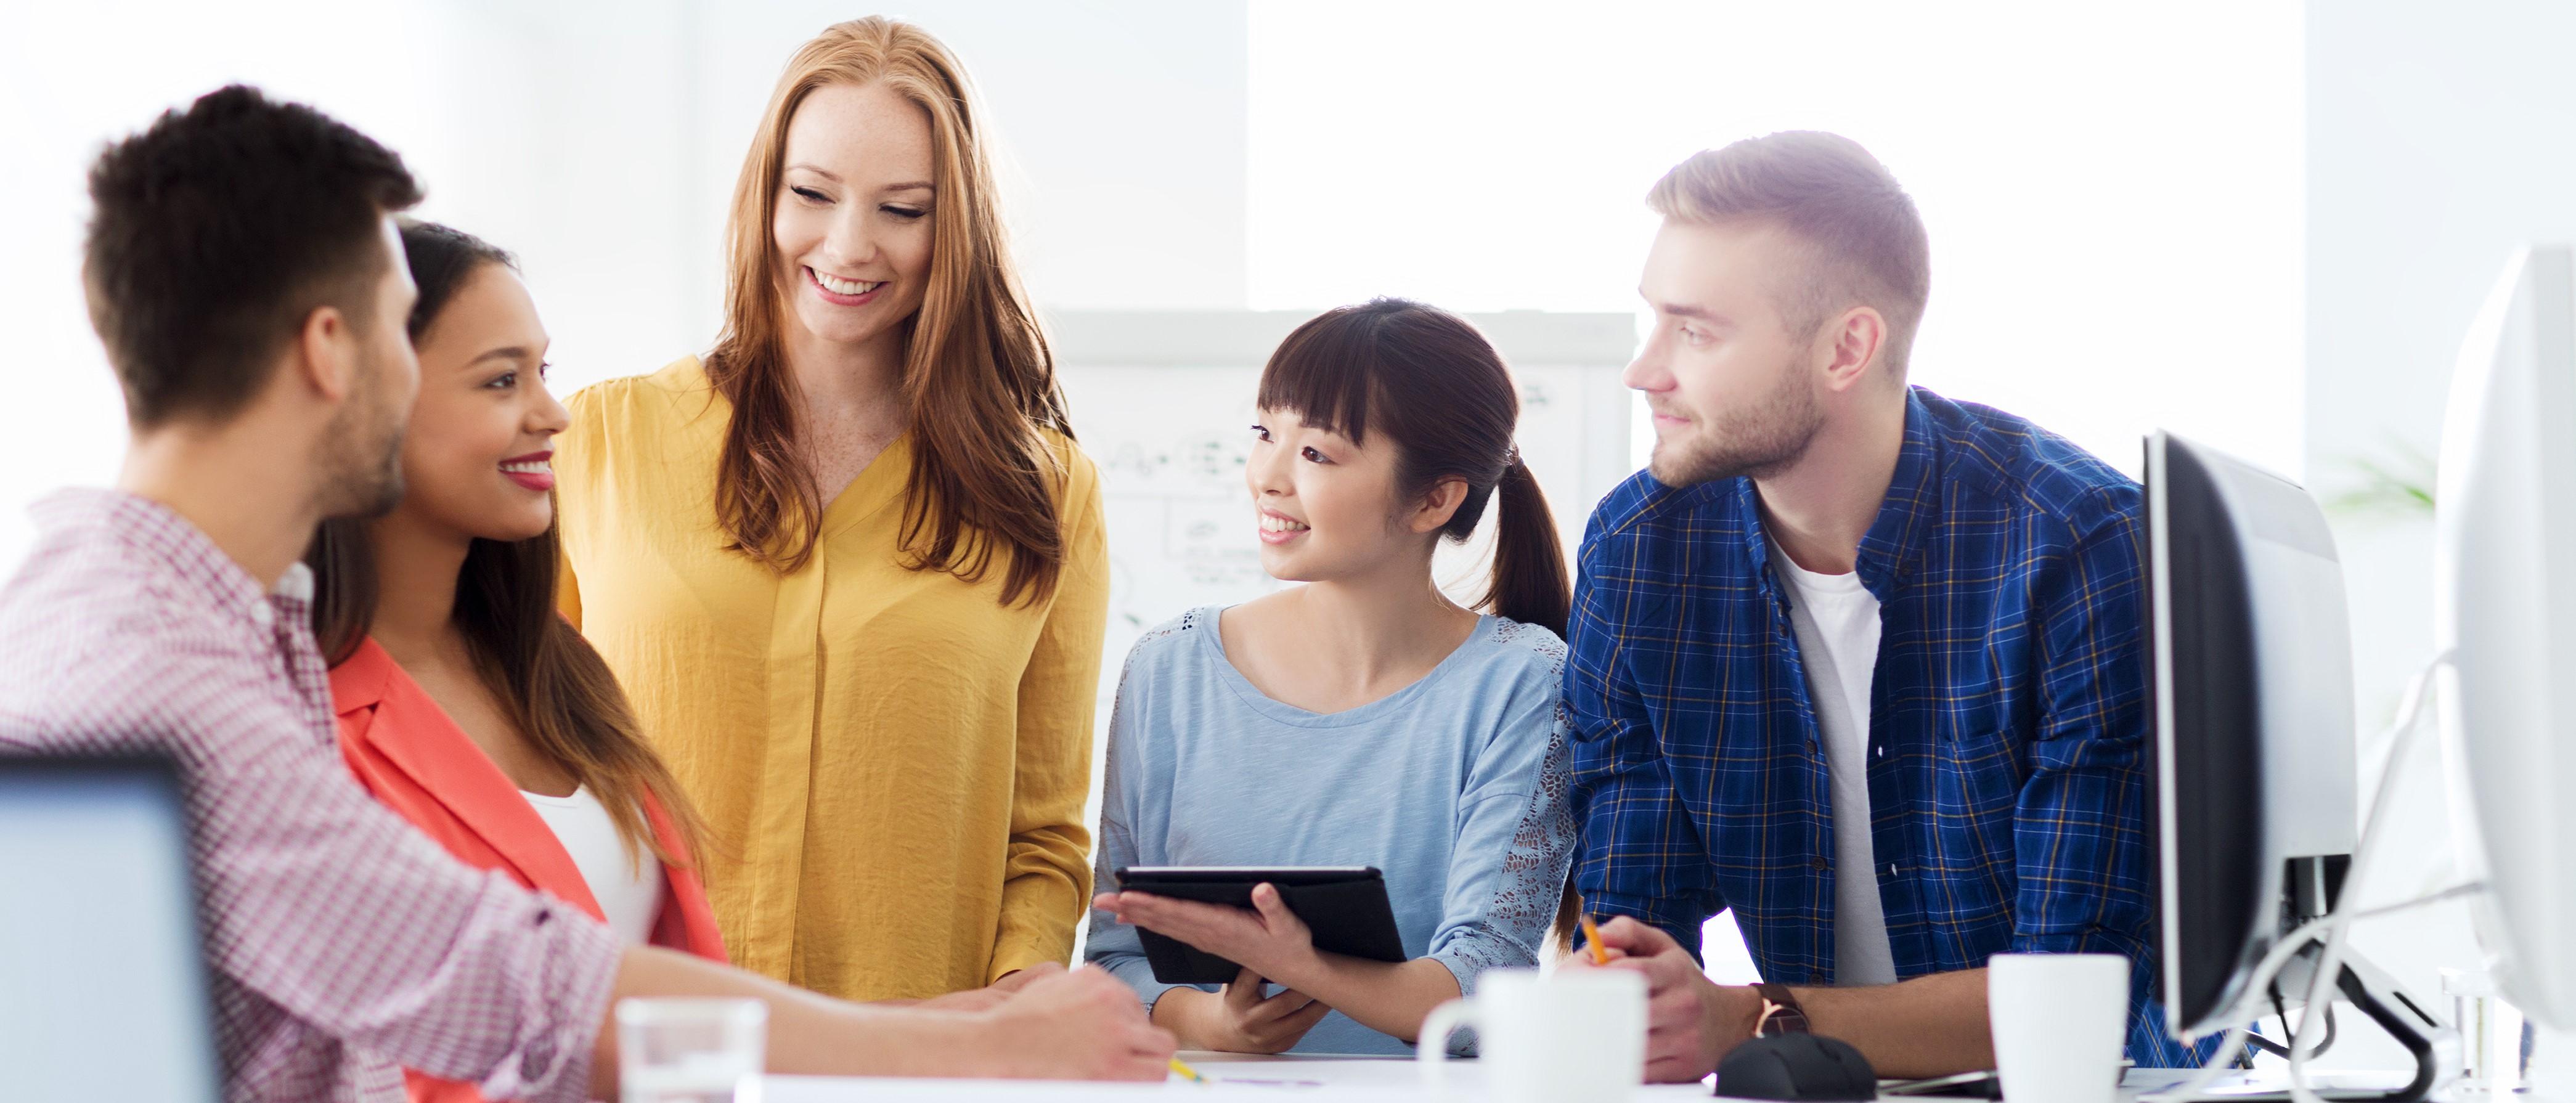 Клиентский опыт + опыт сотрудников = успех для компании